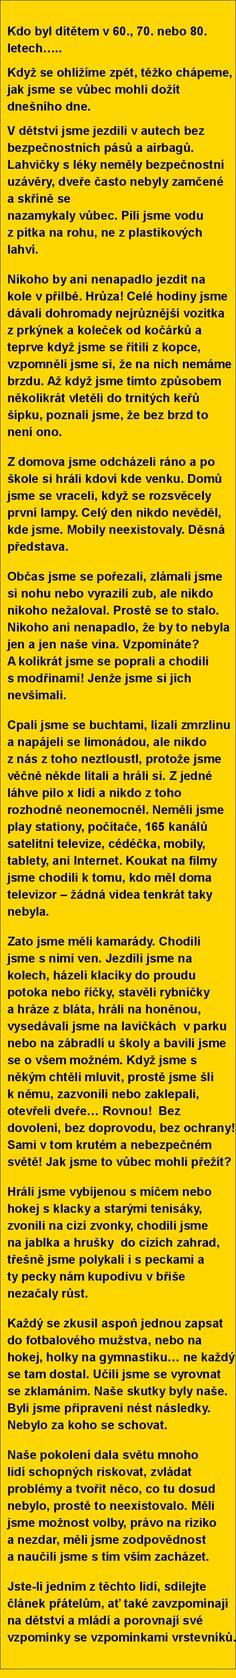 Kdo byl dítětem v 60., 70. nebo 80. letech… | torpeda.cz - vtipné obrázky, vtipy a videa